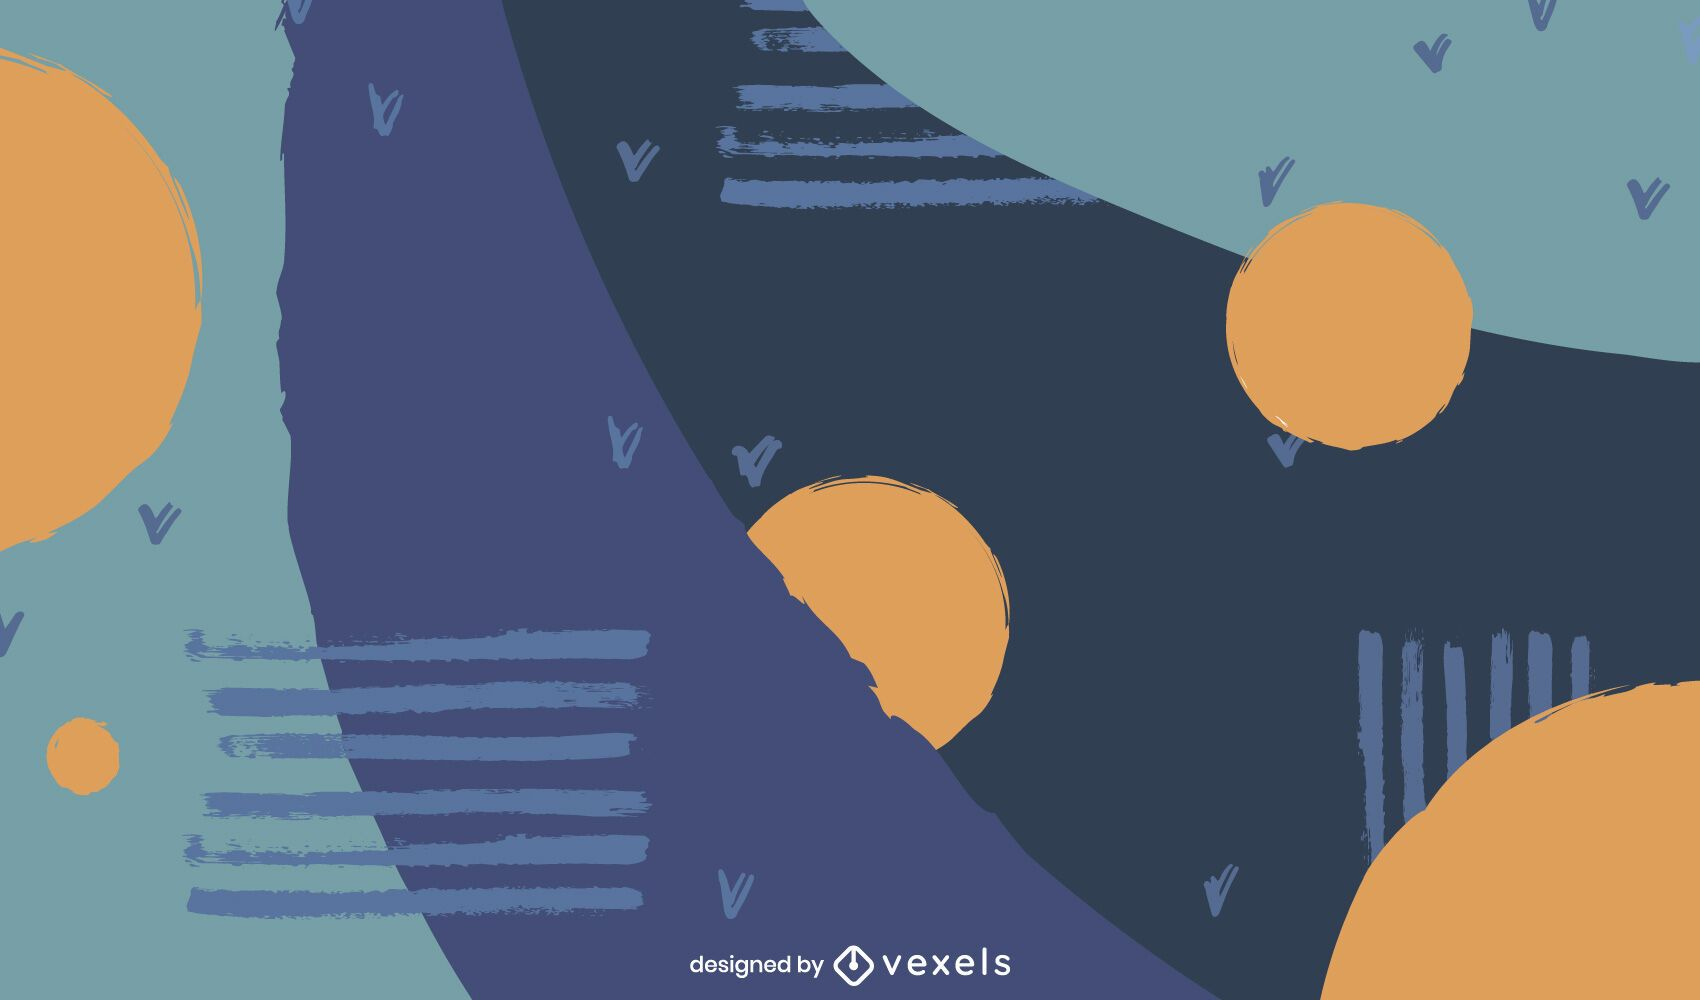 Diseño artístico de fondo azul